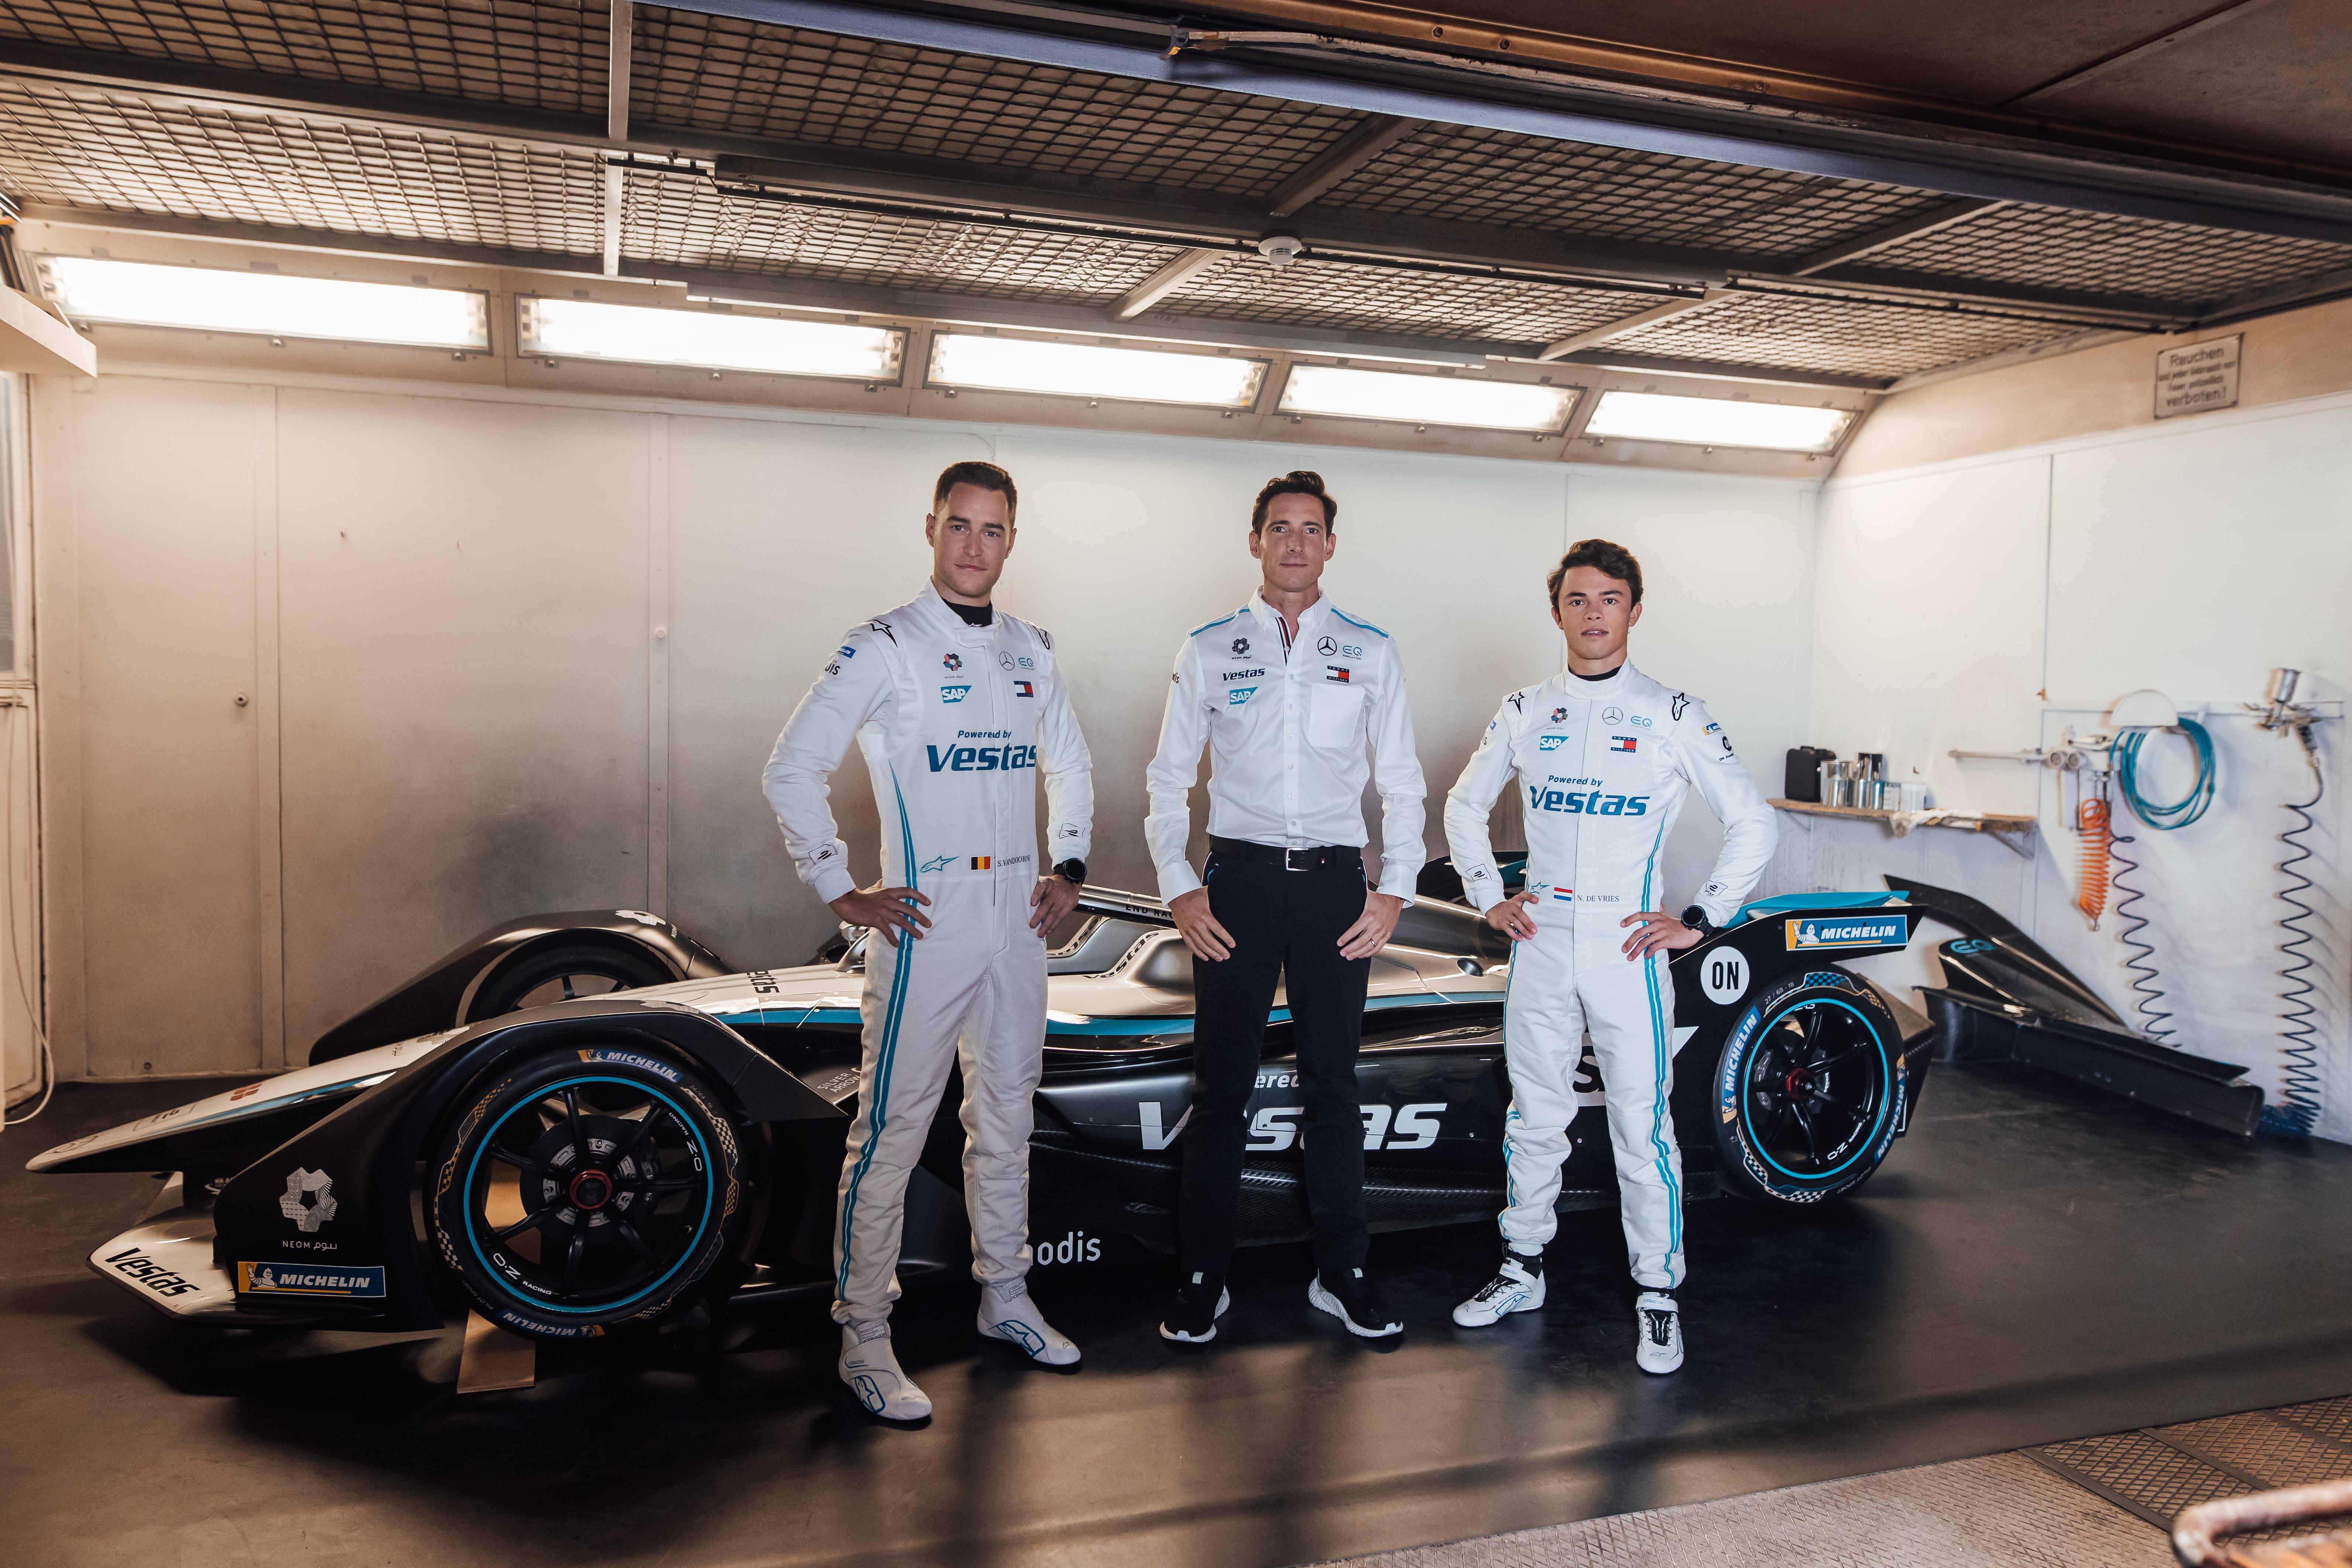 Mercedes Formula E team